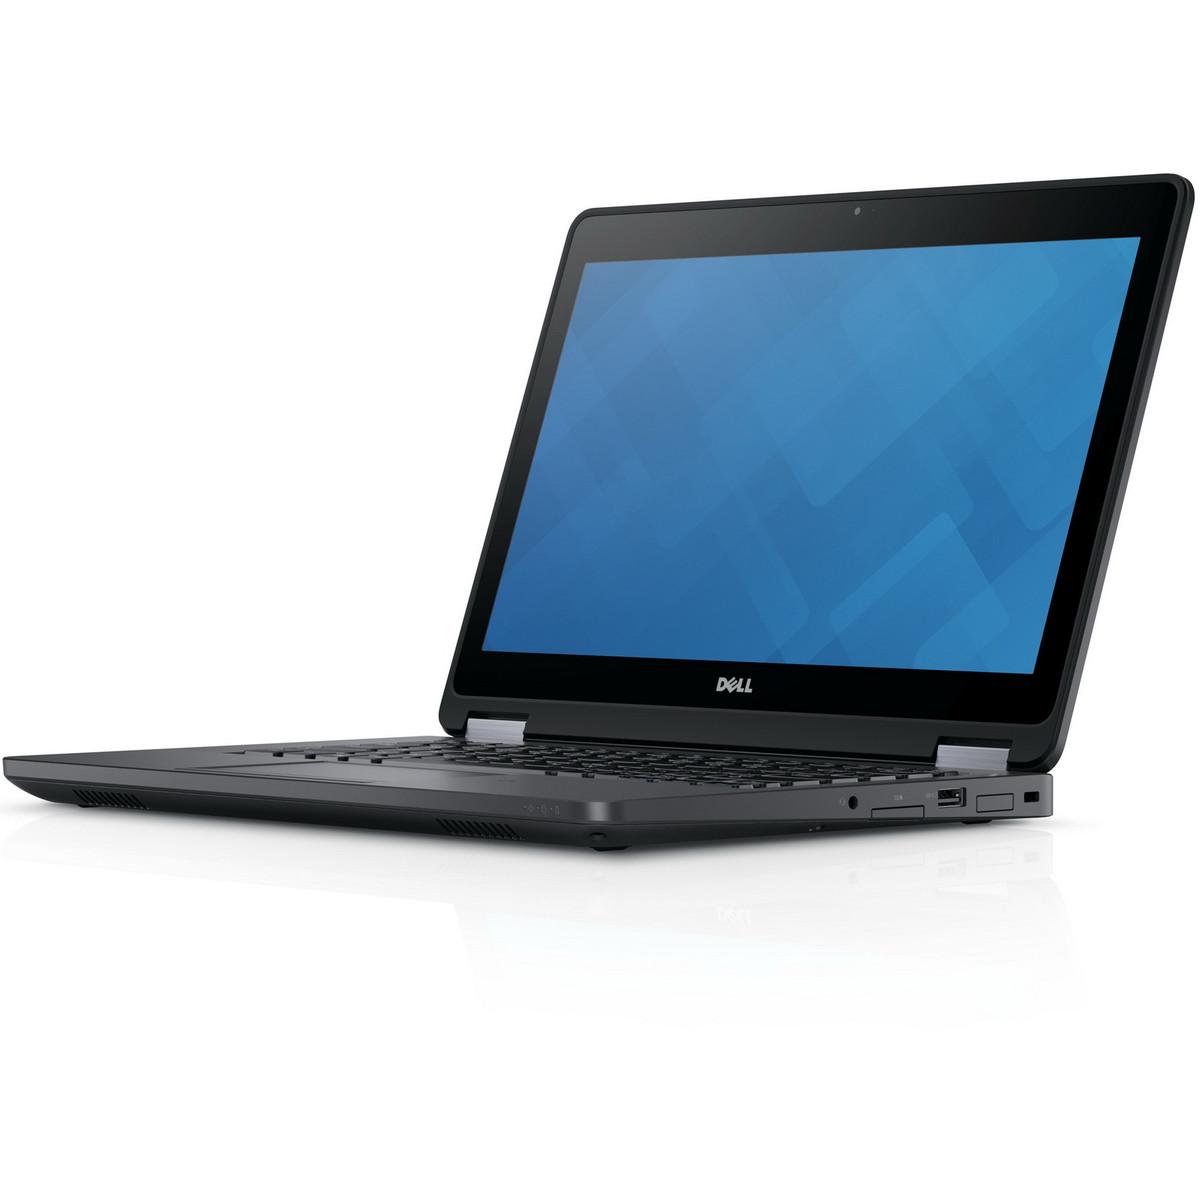 Dell Latitude 12 5000 (E5270) 600 01